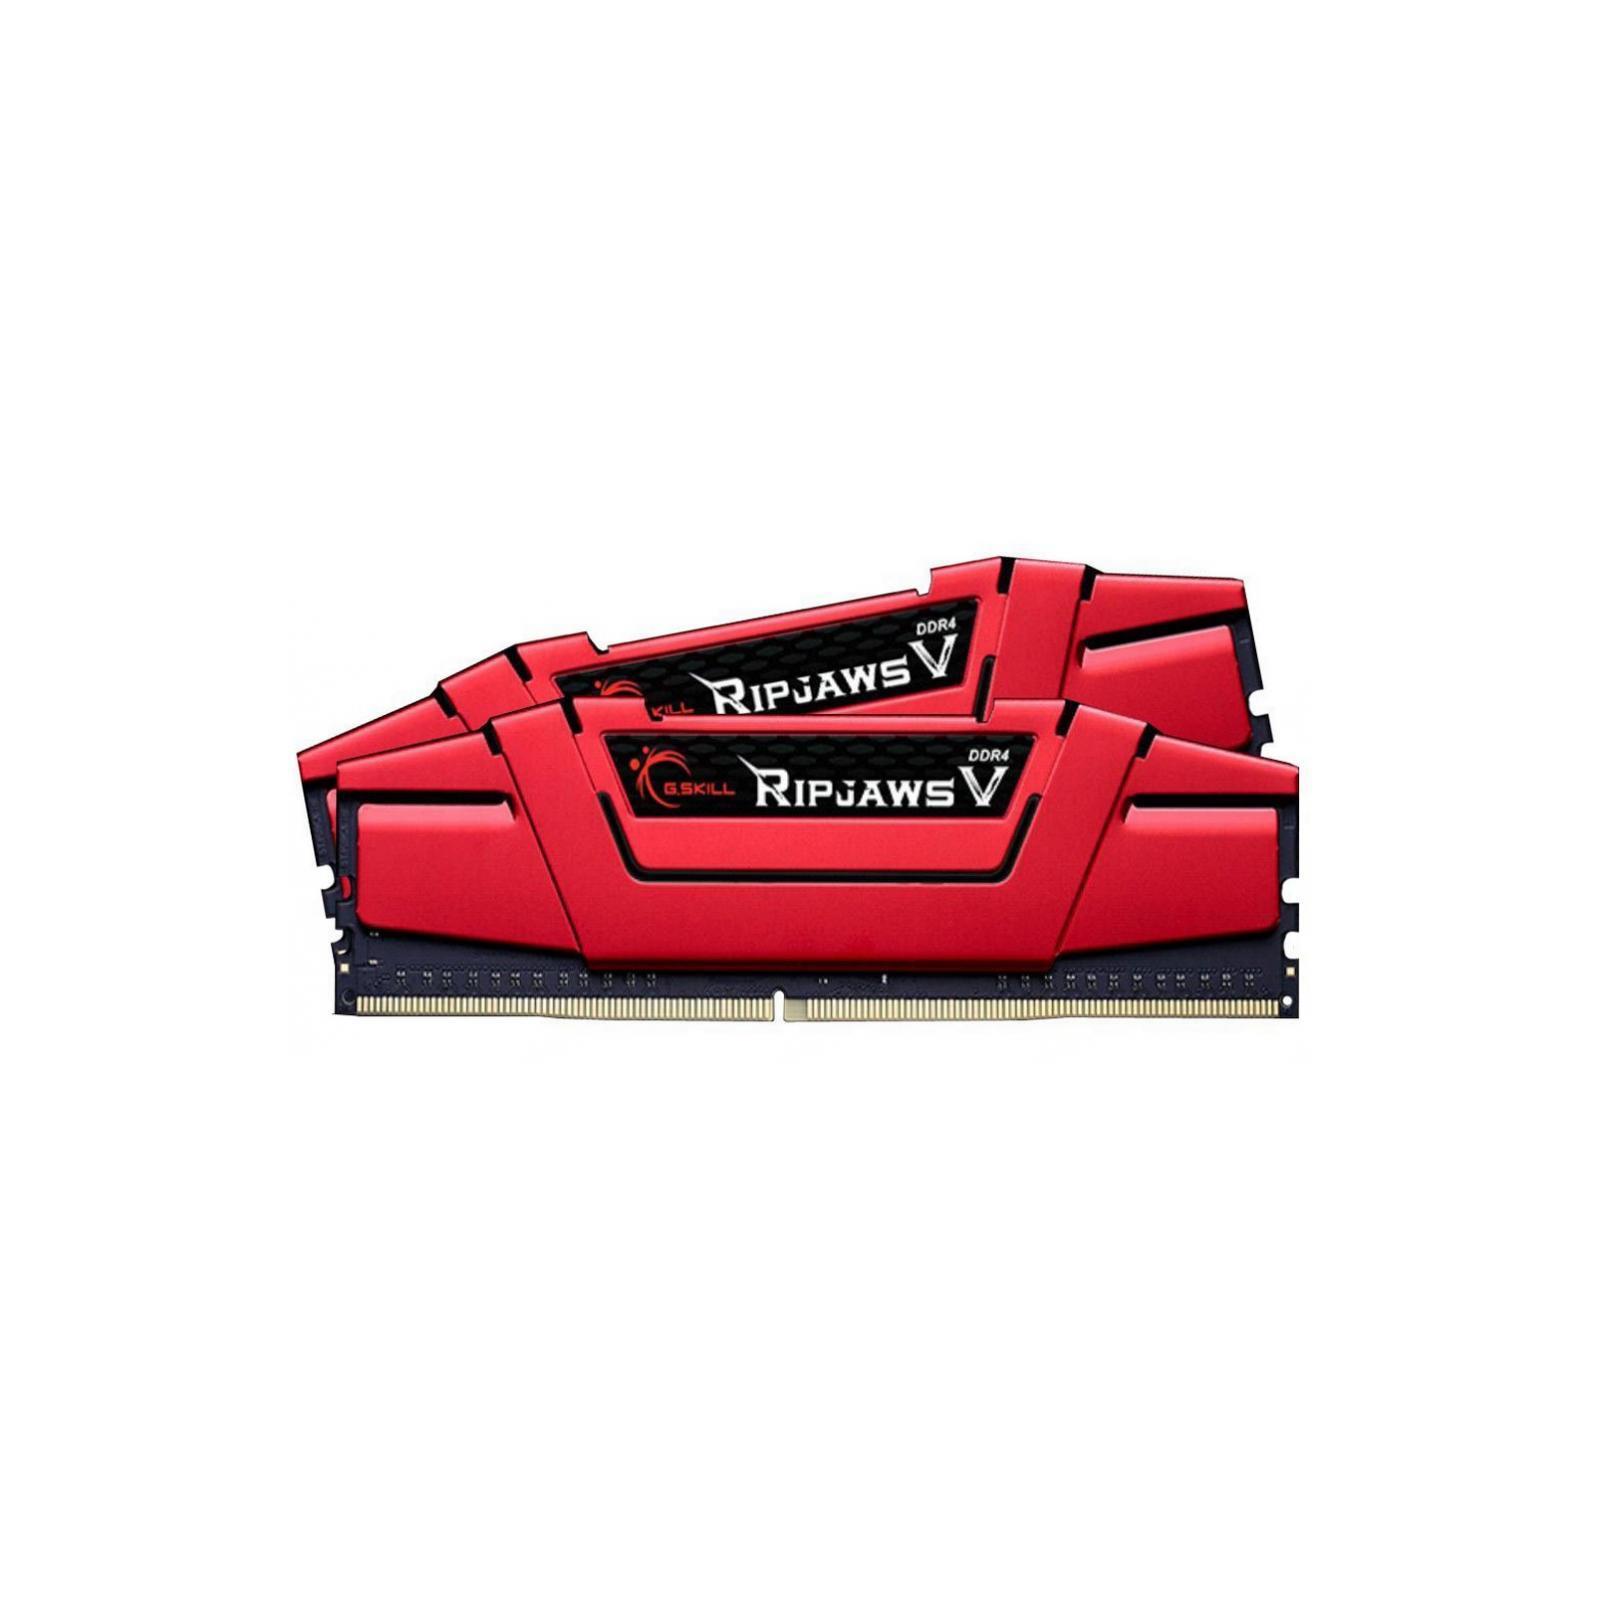 Модуль памяти для компьютера DDR4 16GB (2x8GB) 3000 MHz RipjawsV Red G.Skill (F4-3000C16D-16GVRB) изображение 2